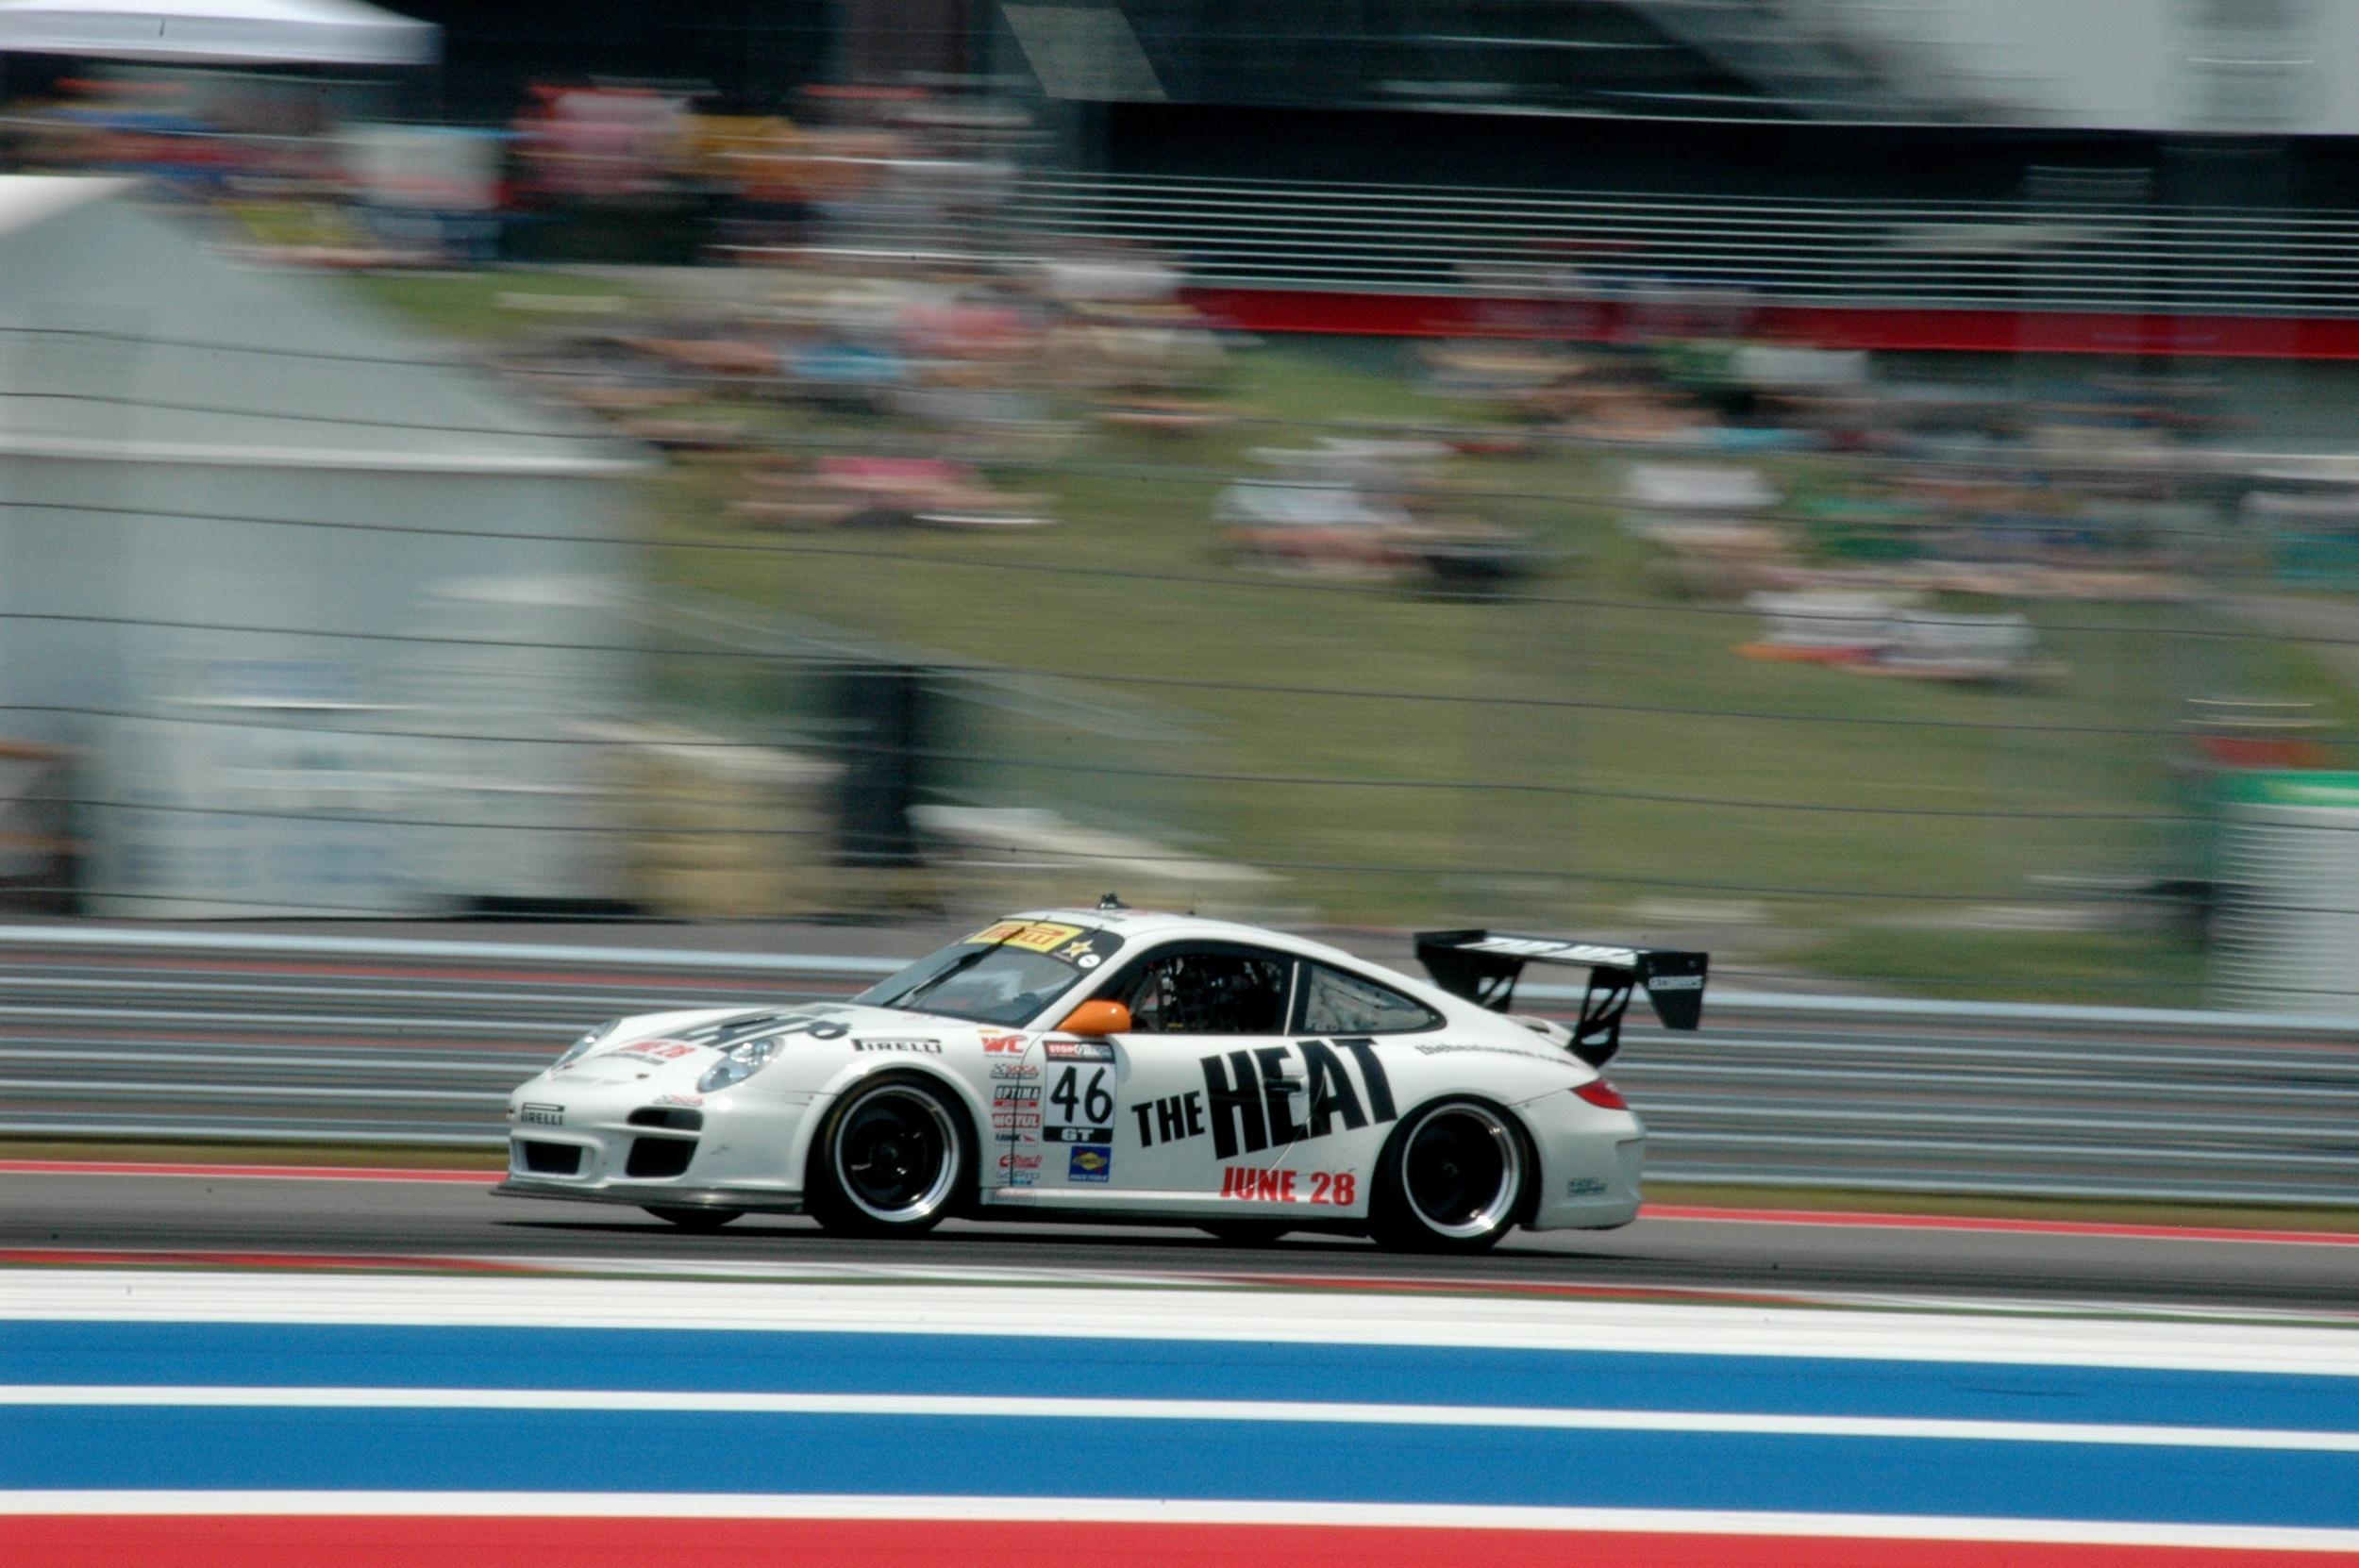 Team The Heat in the Porsche GT3 RS.jpg